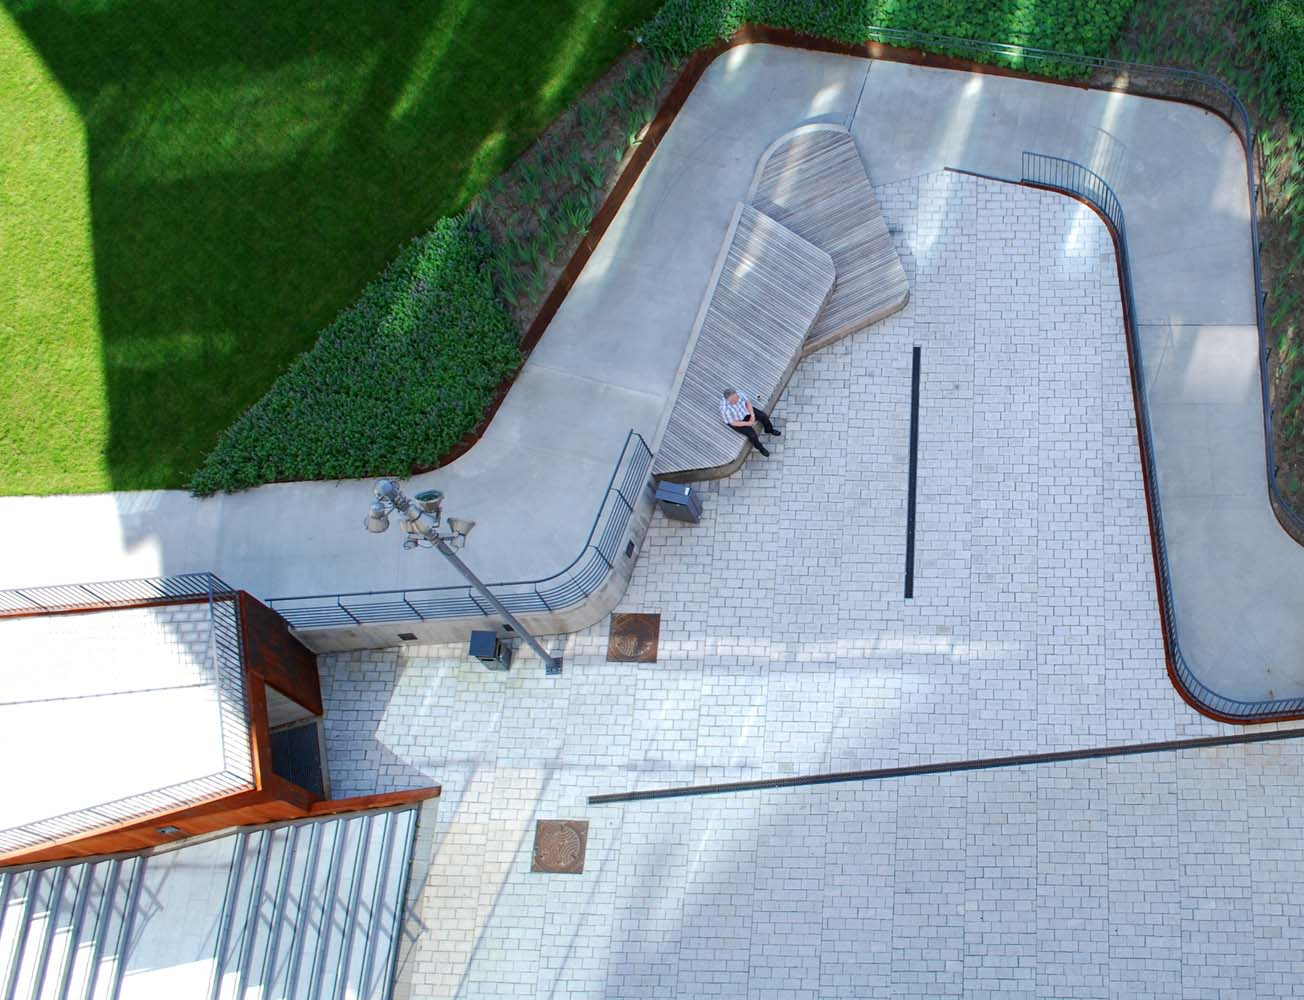 Schandorffs Plass taget oppefra viser sidepladser og slyngende gelænder.